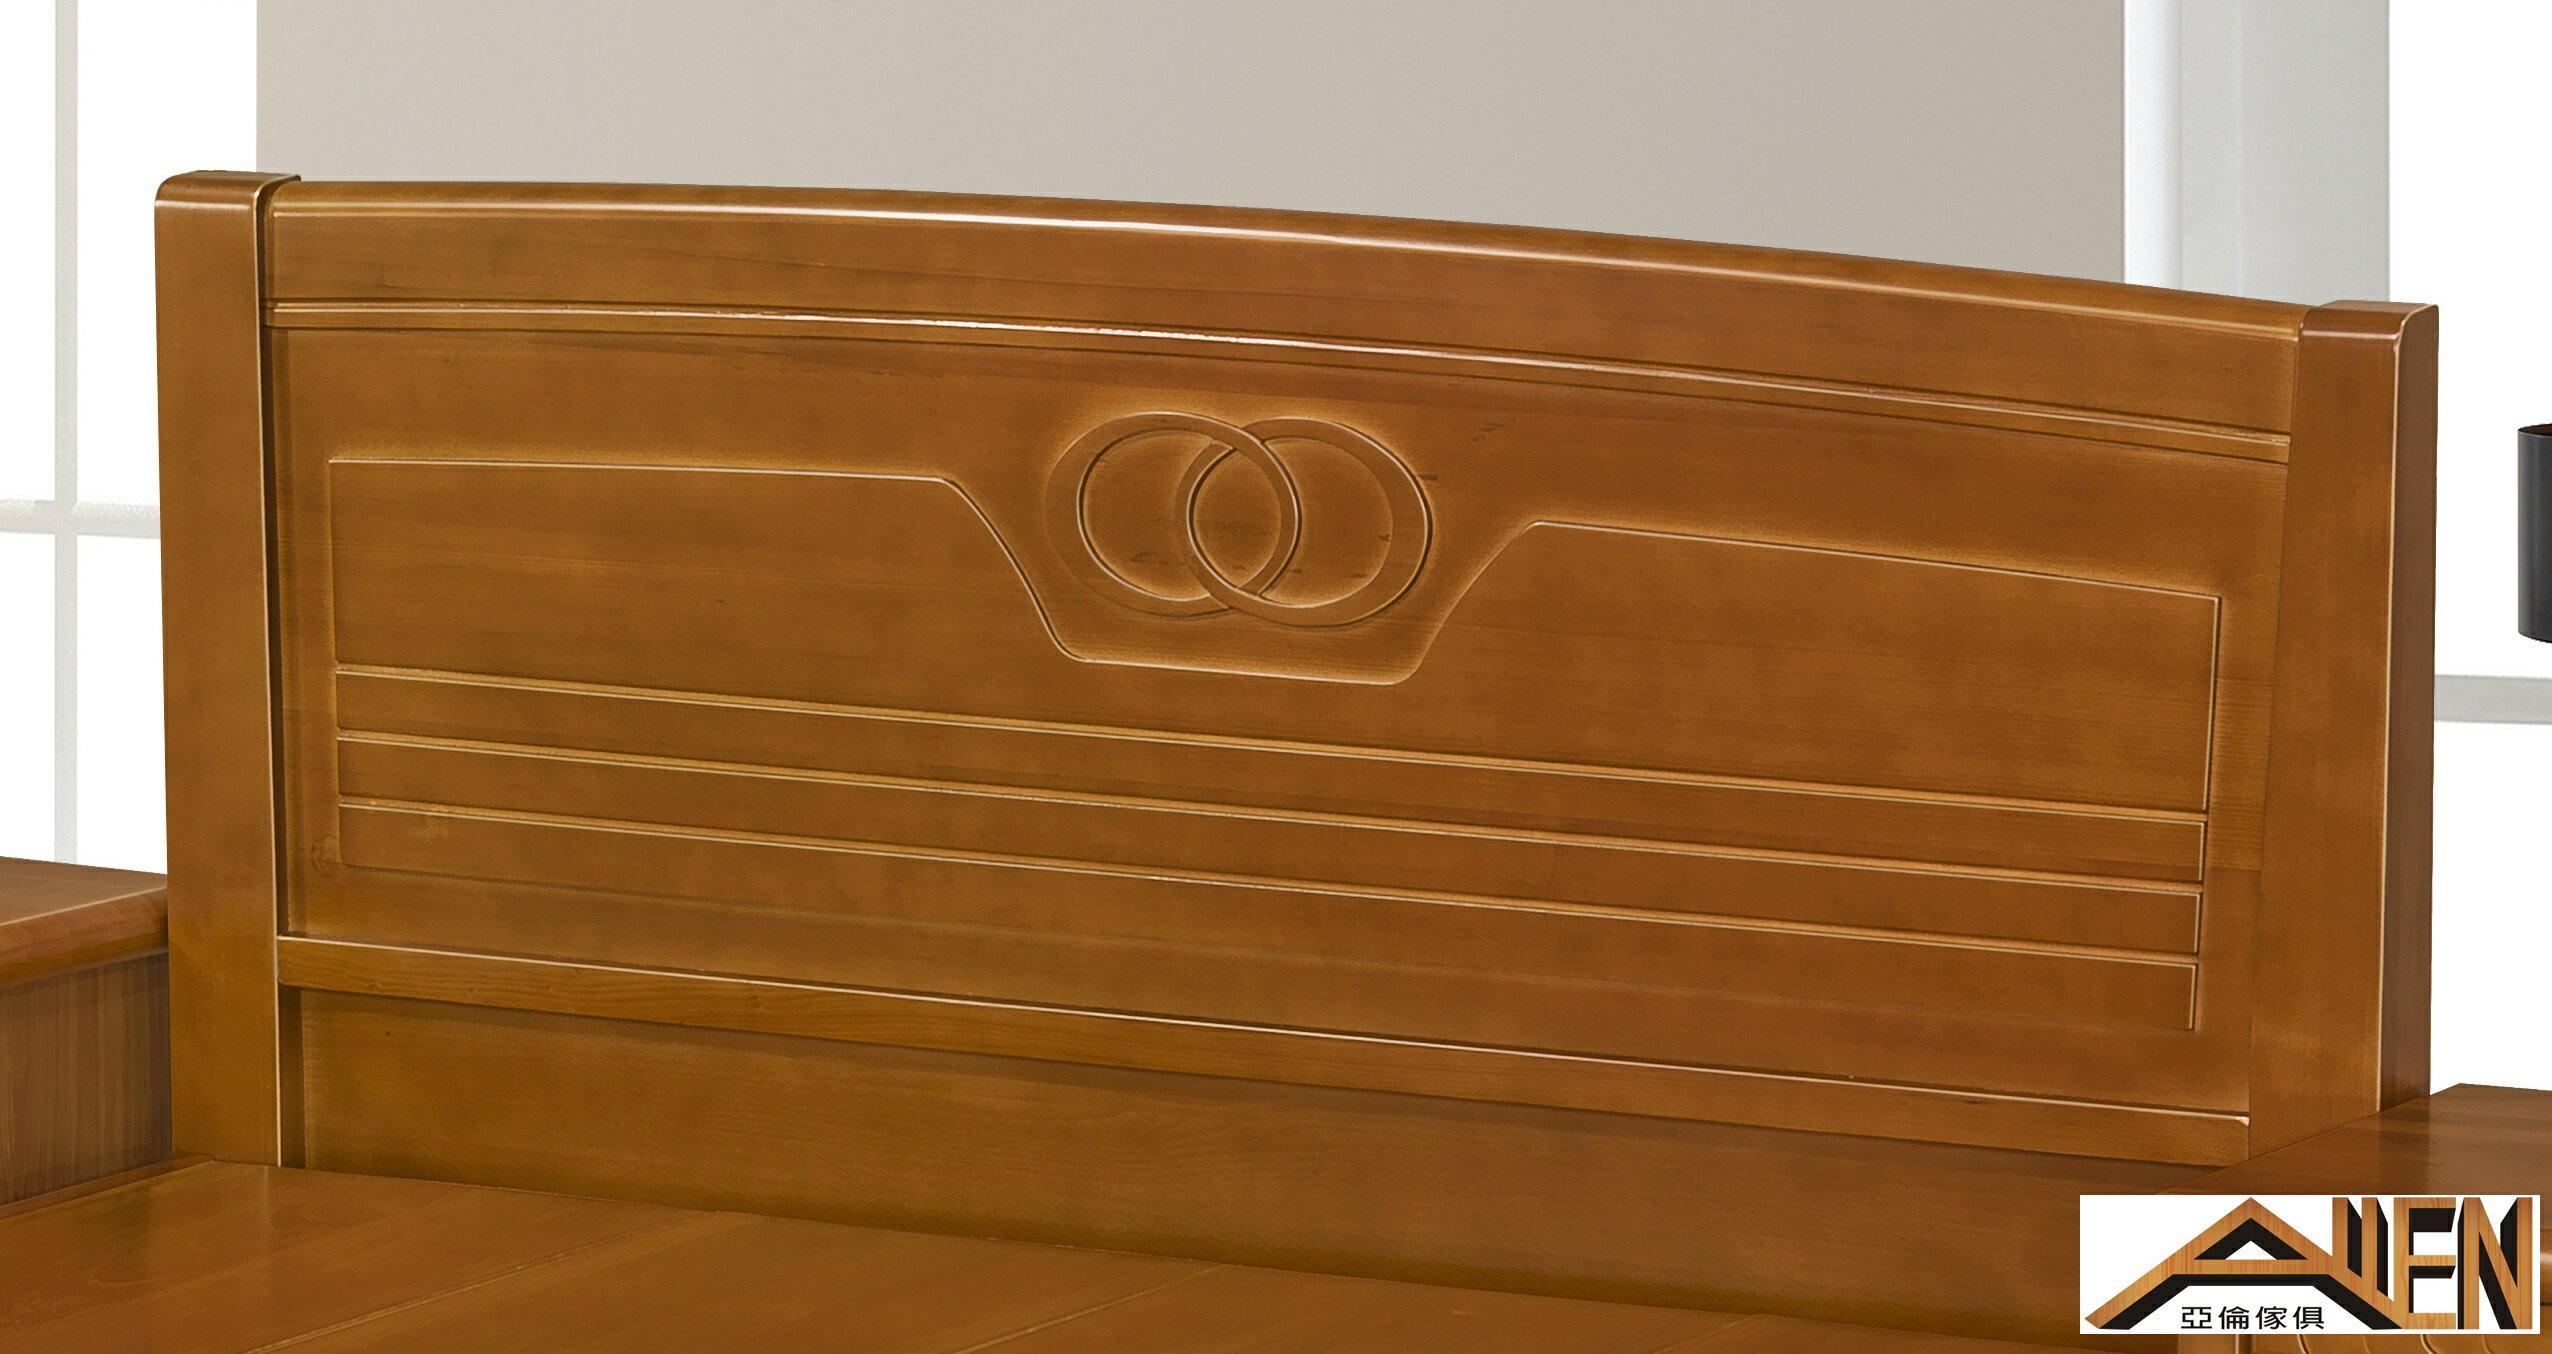 亞倫傢俱*歐爾南洋檜全實木5尺雙人床架